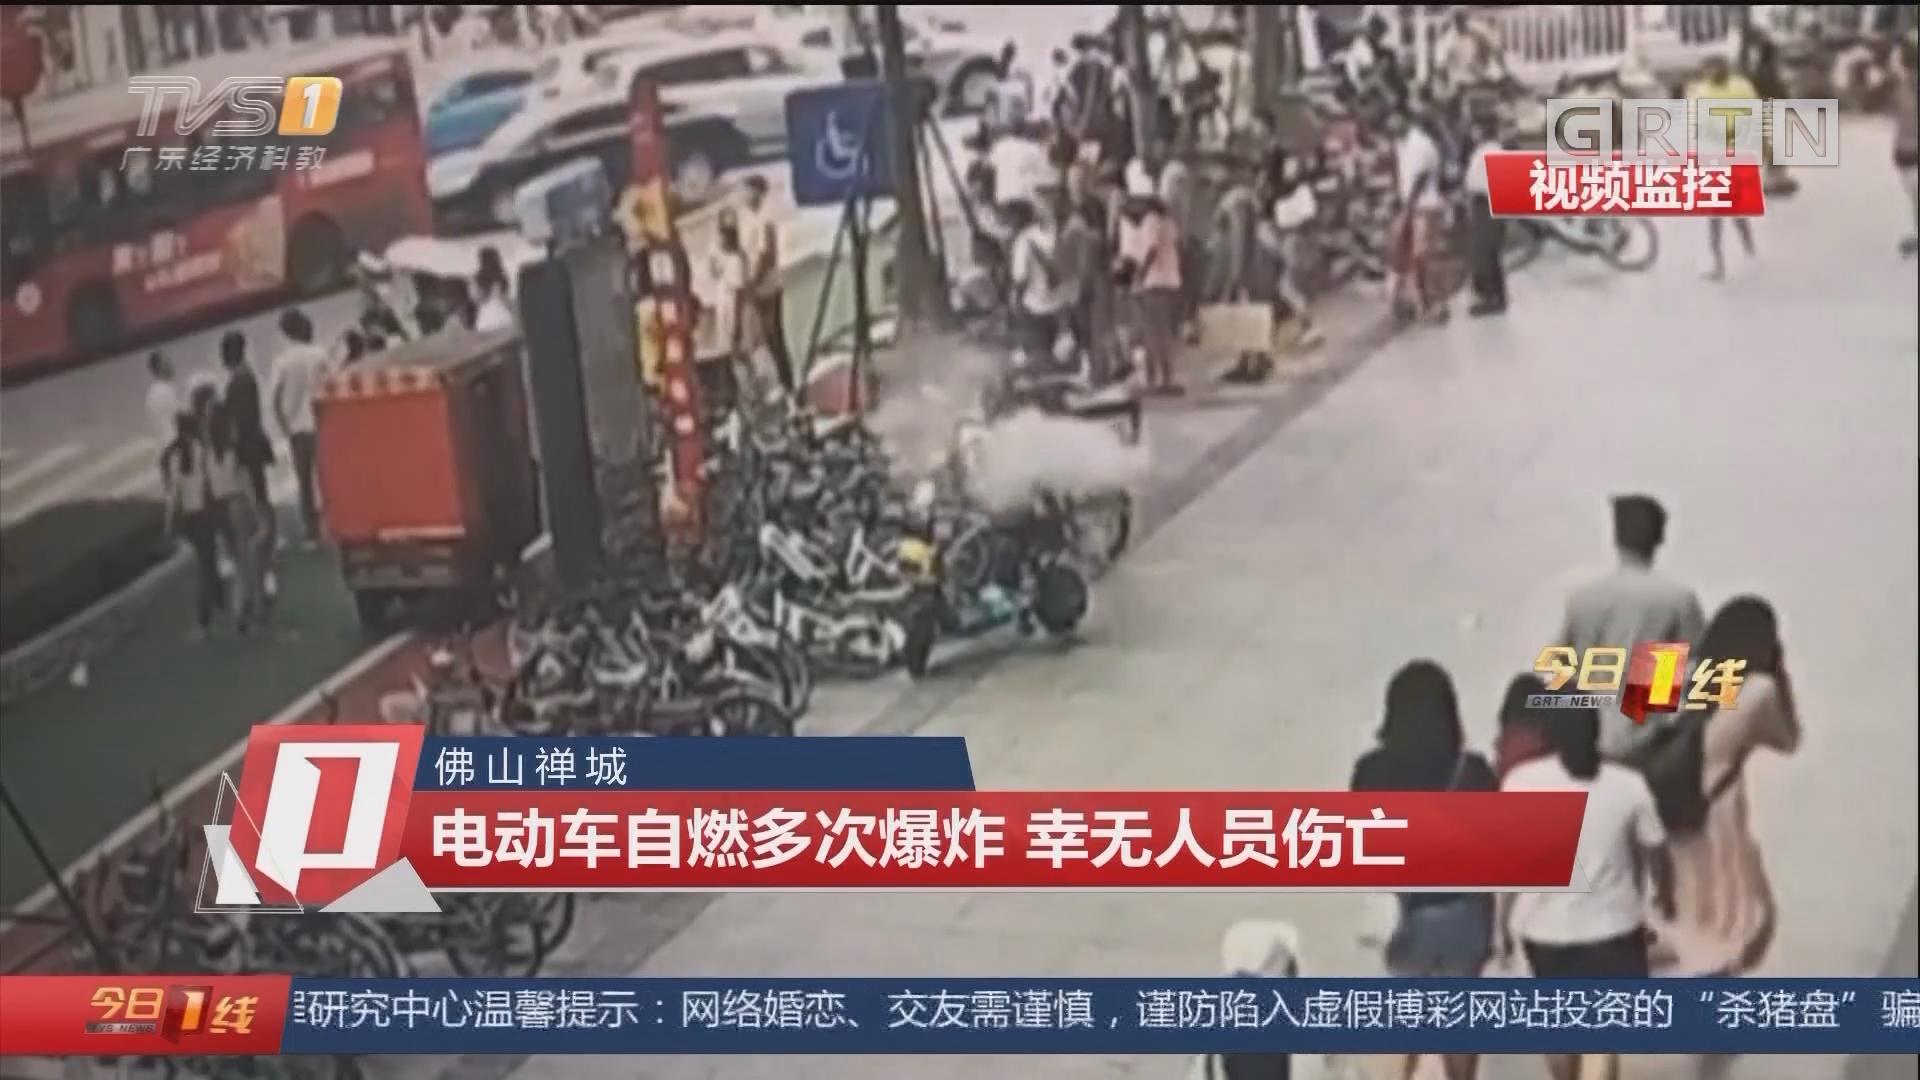 佛山禅城:电动车自燃多次爆炸 幸无人员伤亡